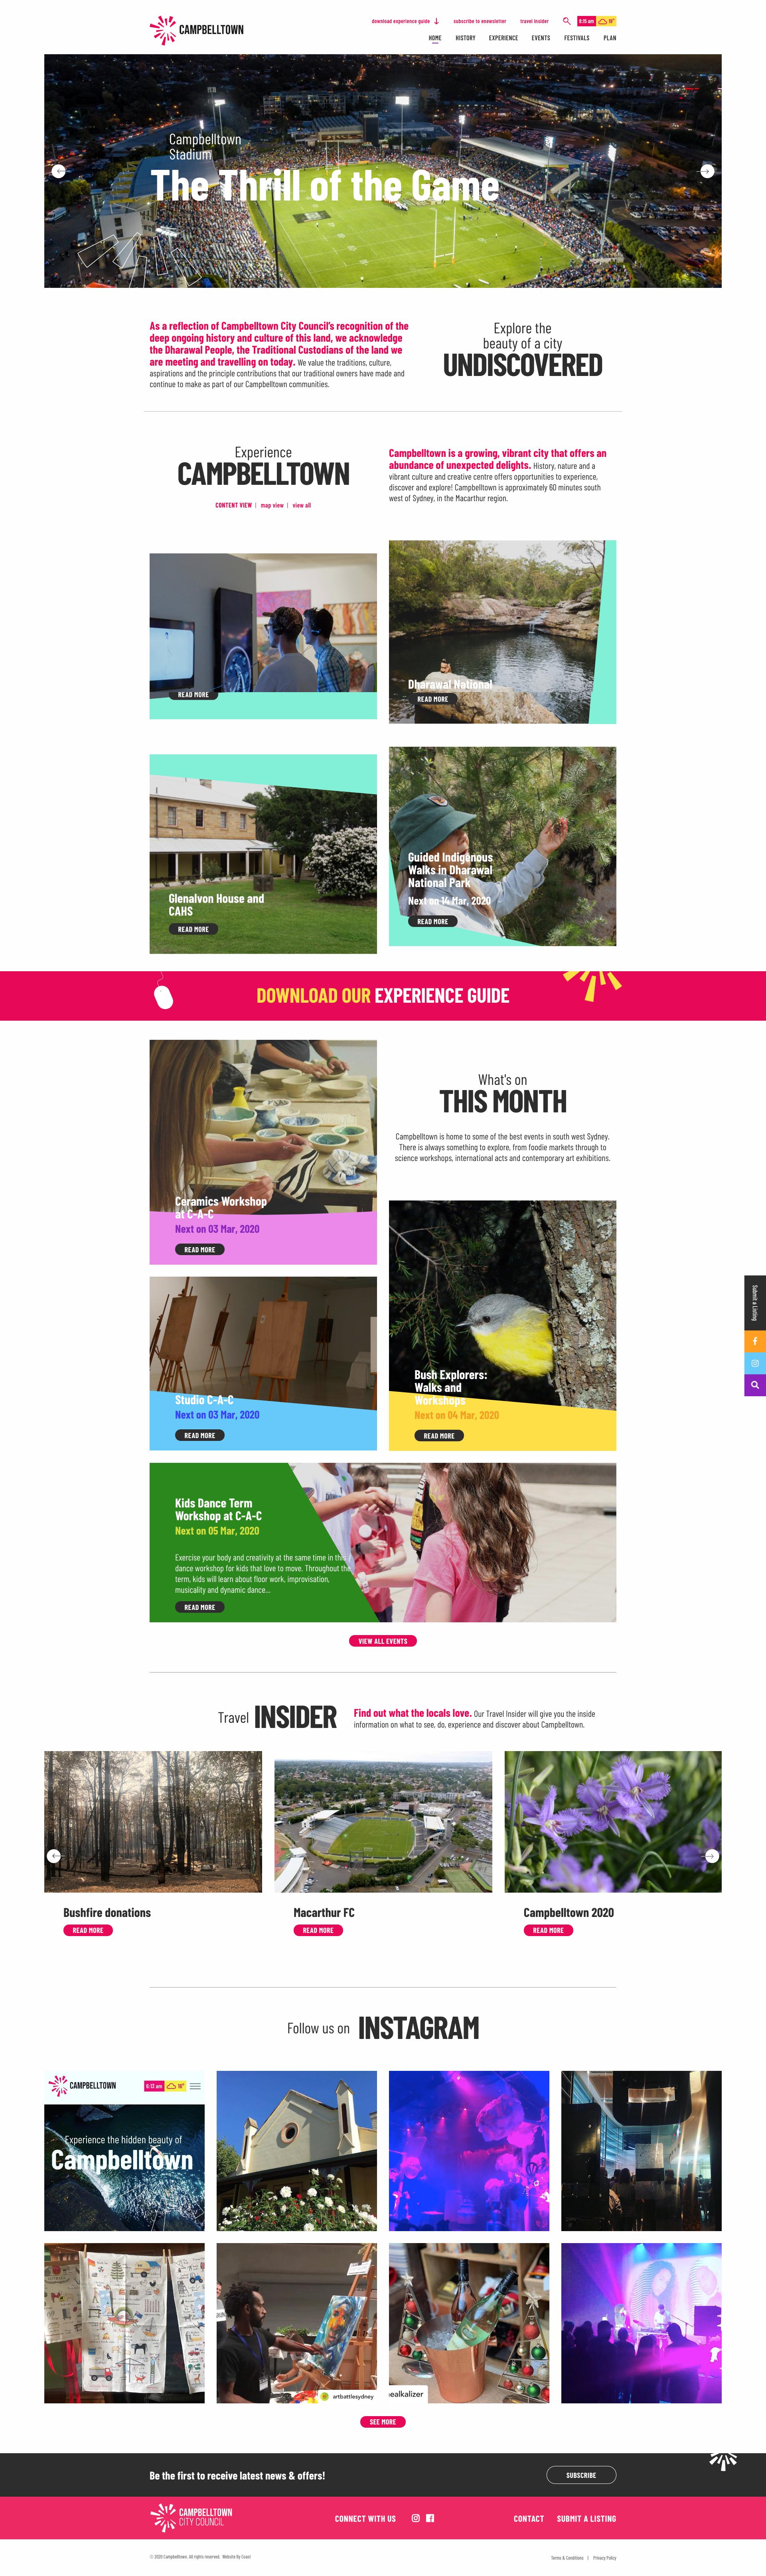 Website Design & Development for Campbelltown